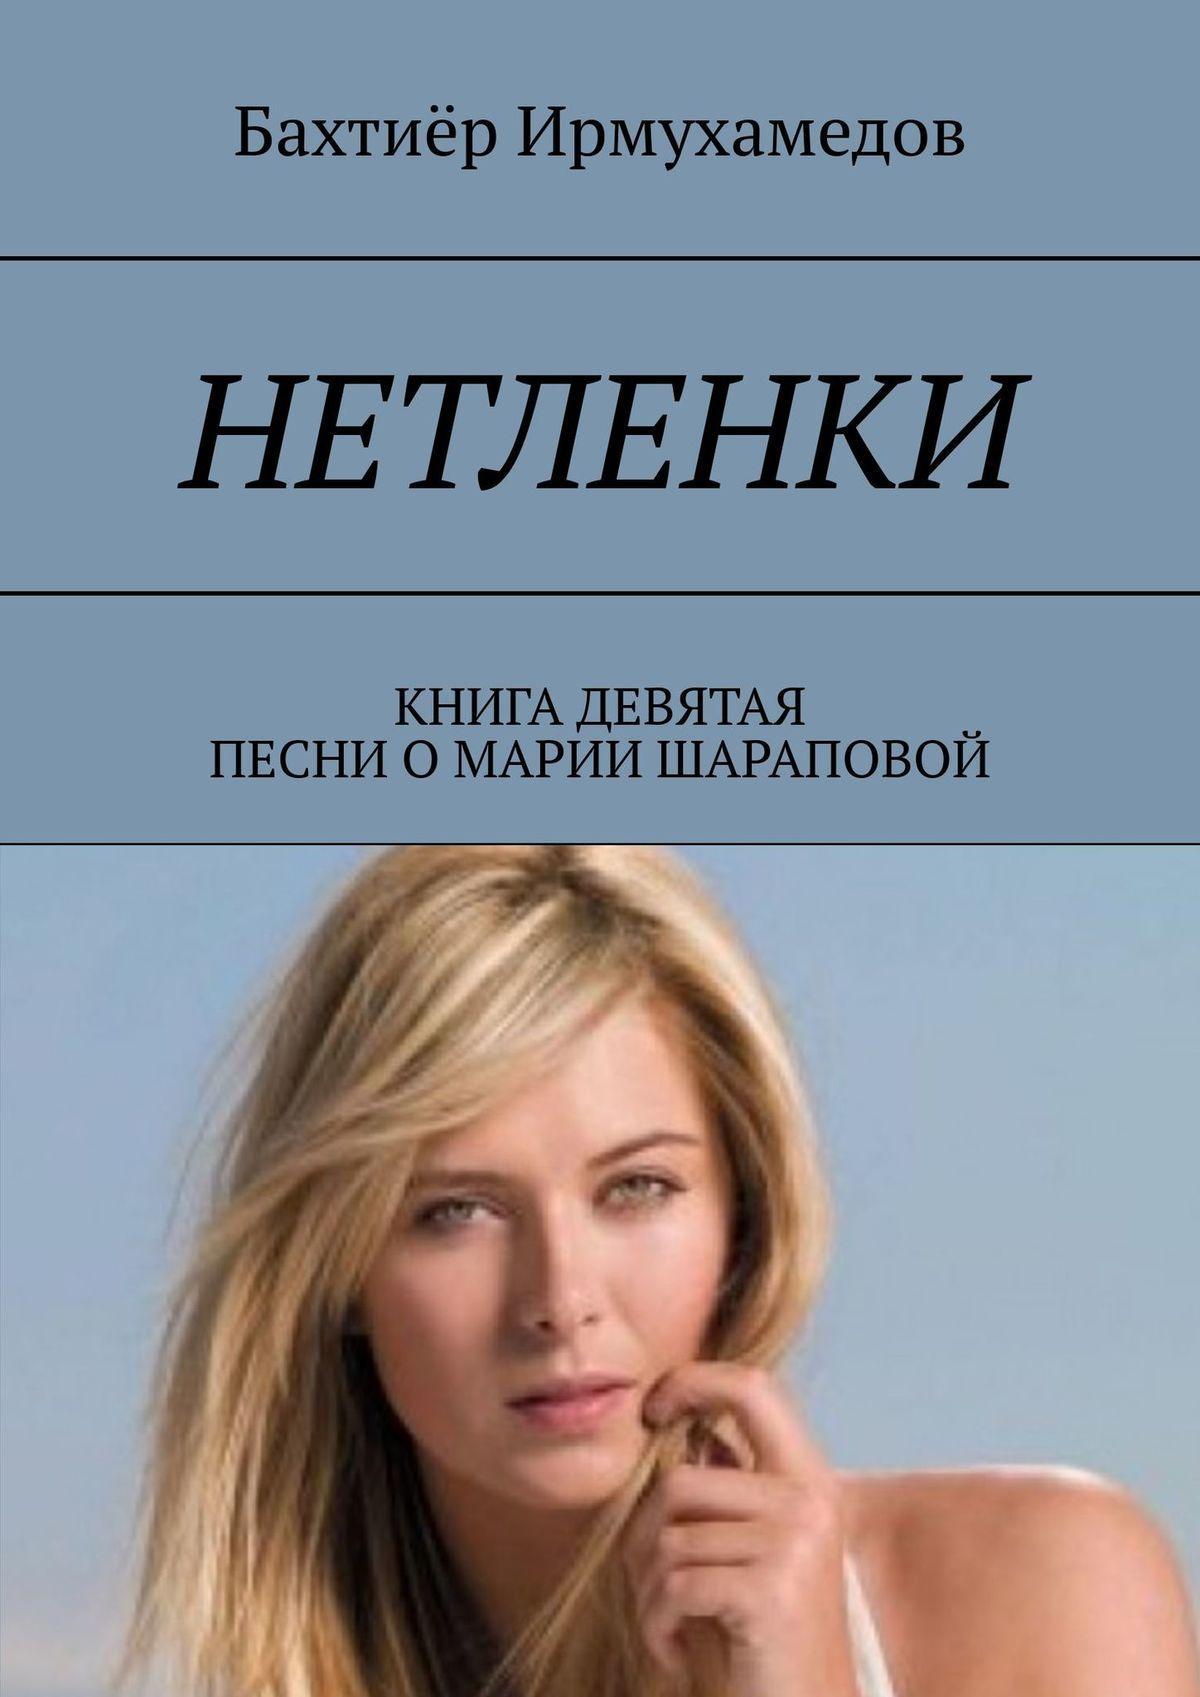 Бахтиёр Ирмухамедов Нетленки. Книга девятая. Песни о Марии Шараповой